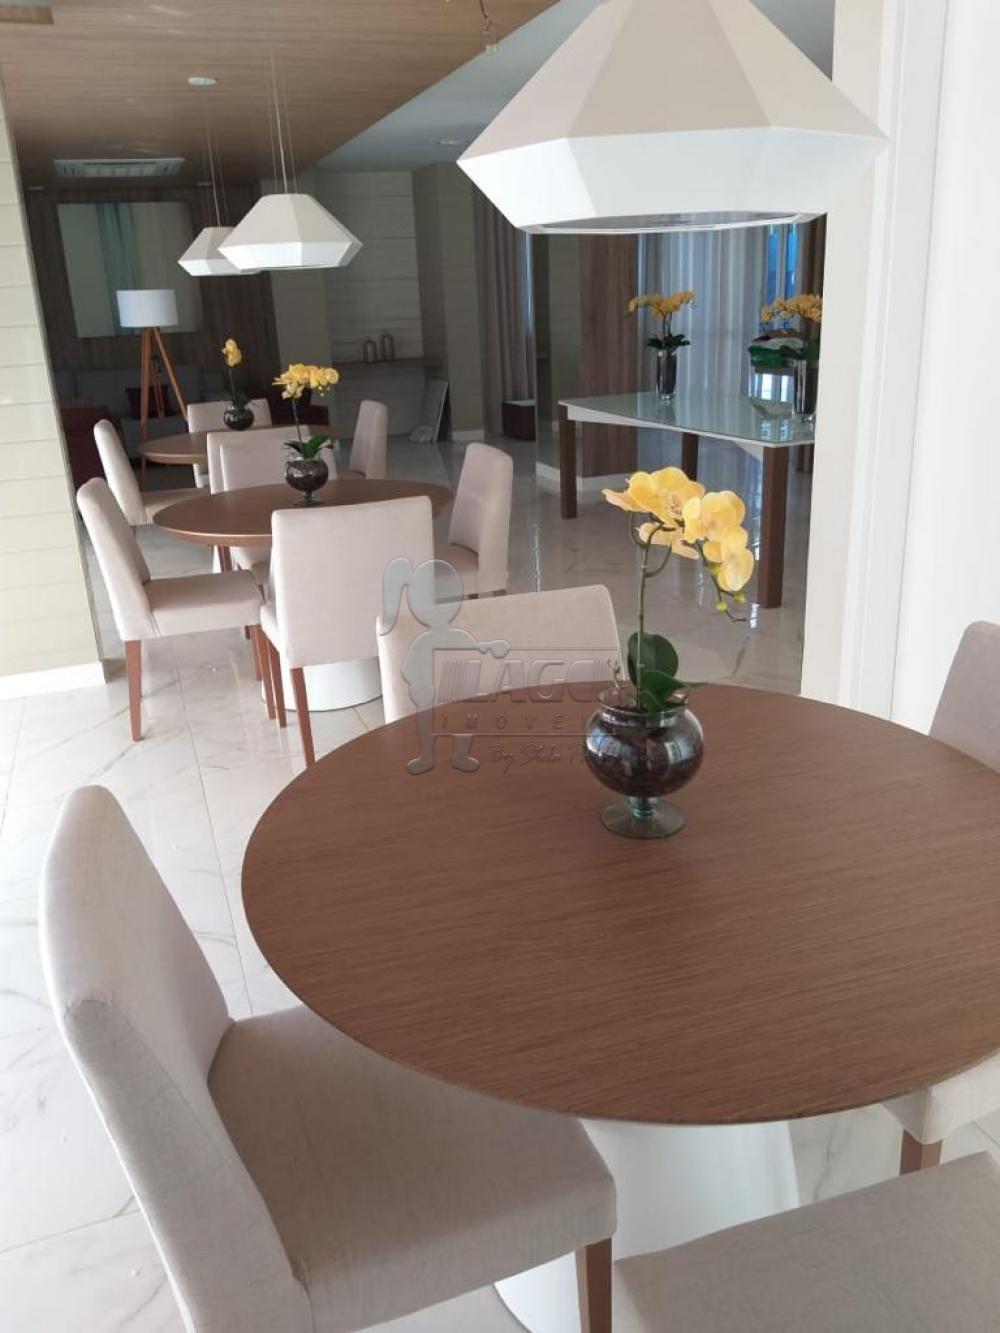 Comprar Apartamento / Padrão em Ribeirão Preto apenas R$ 542.000,00 - Foto 33